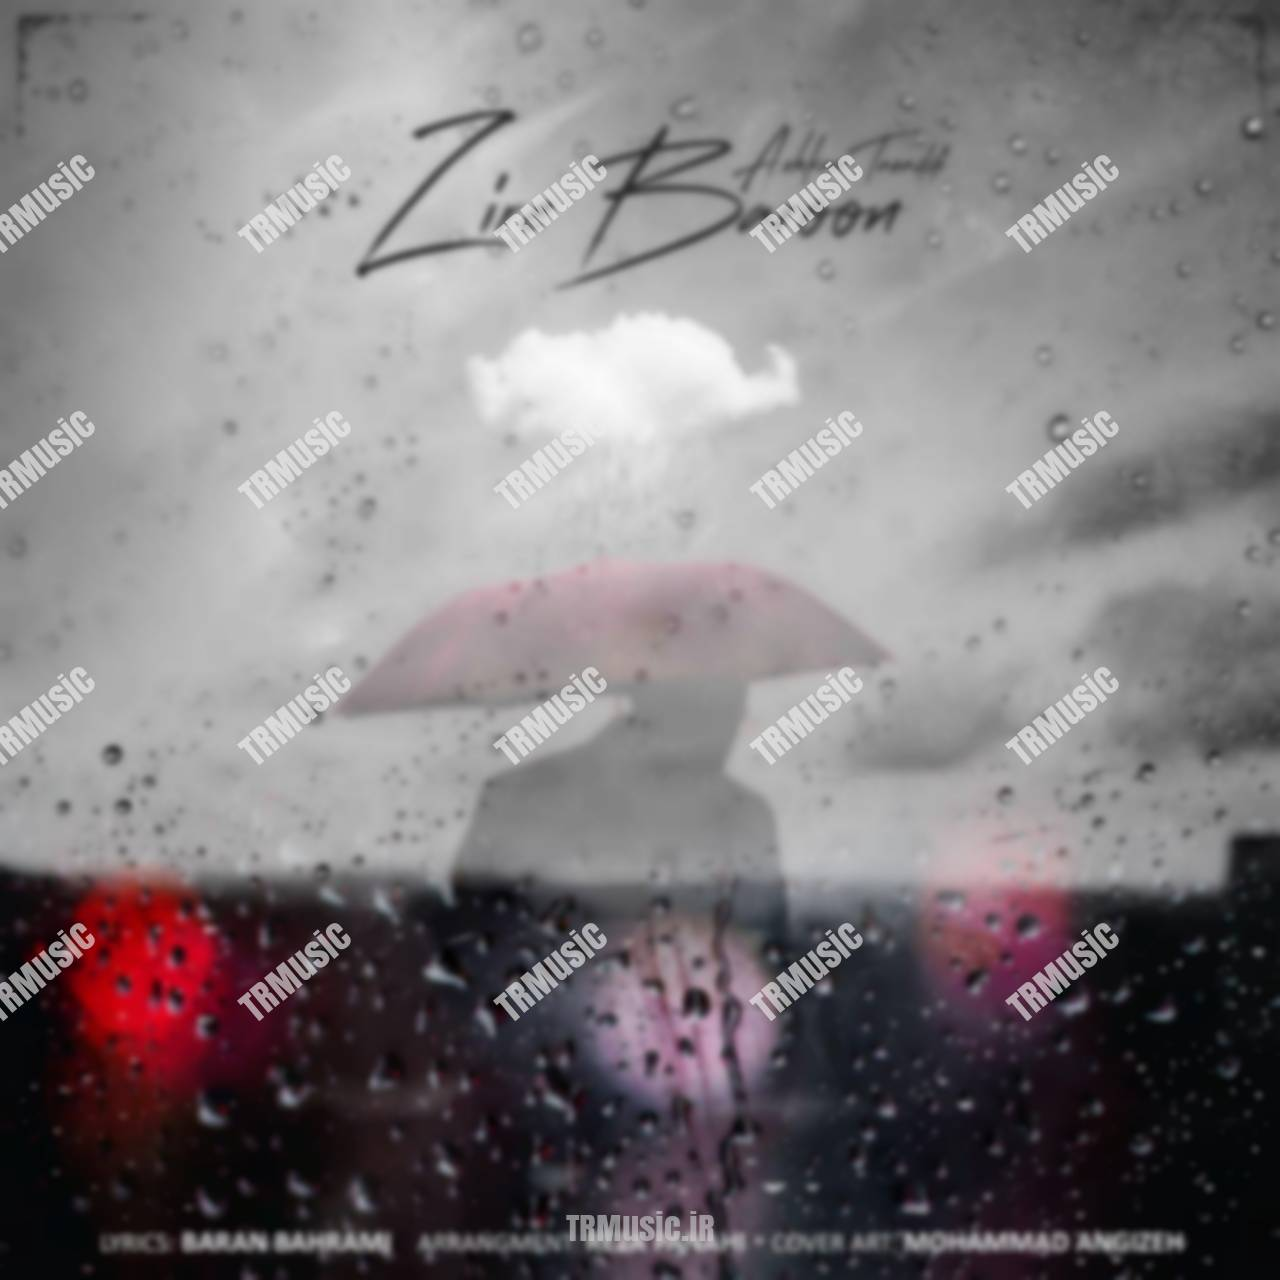 اشکان تصدی - زیر بارون